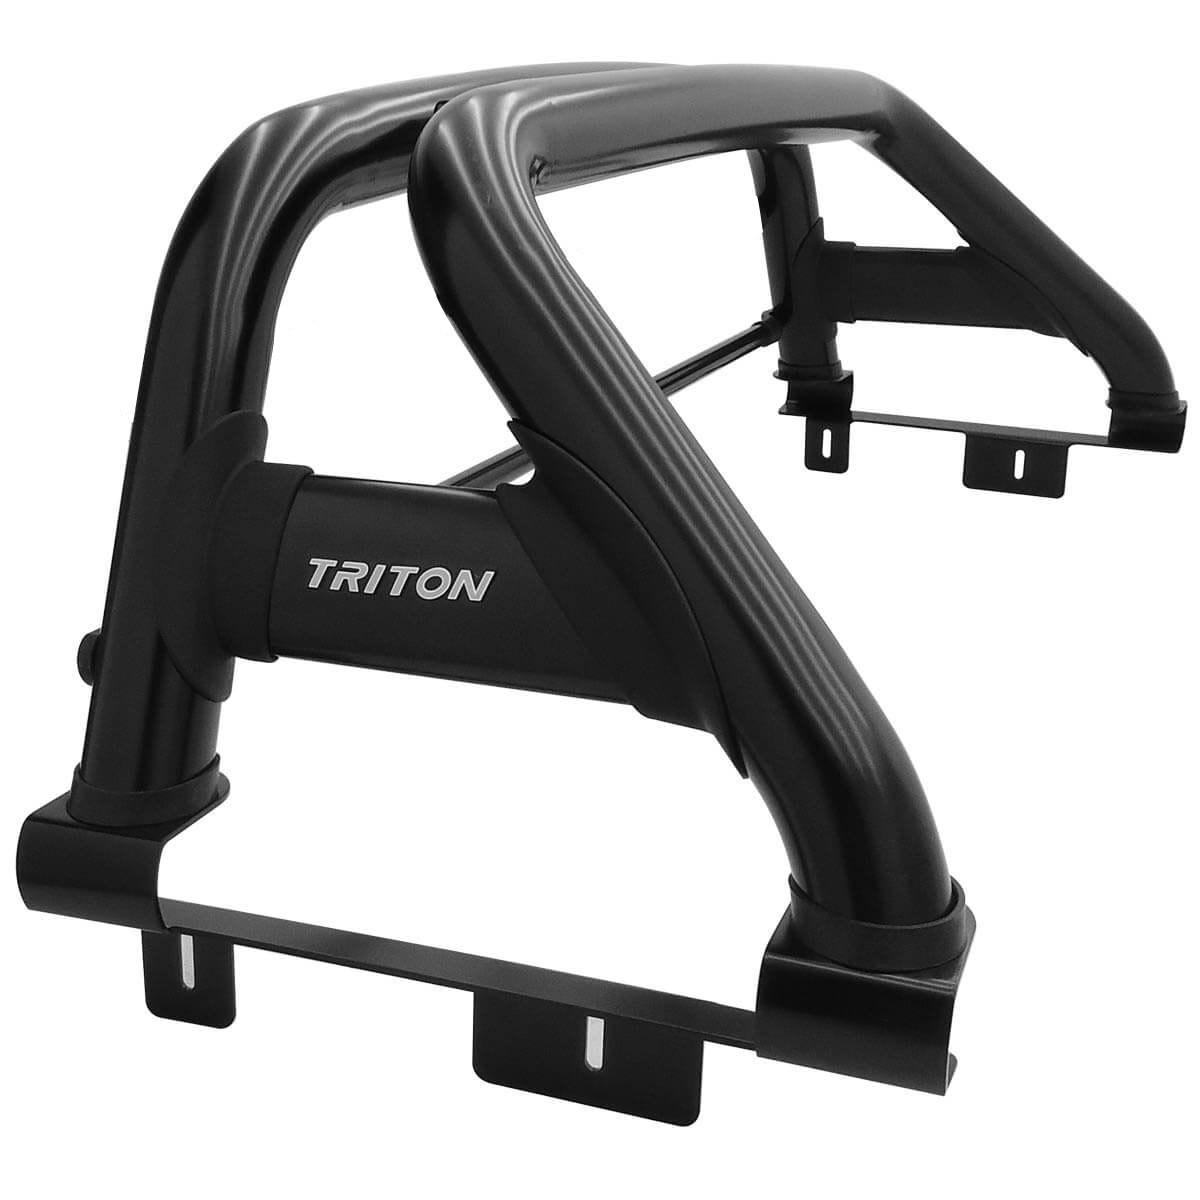 Santo antônio Track duplo preto L200 Triton Sport 2017 a 2020 e L200 Triton Outdoor 2021 2022 com barra de vidro